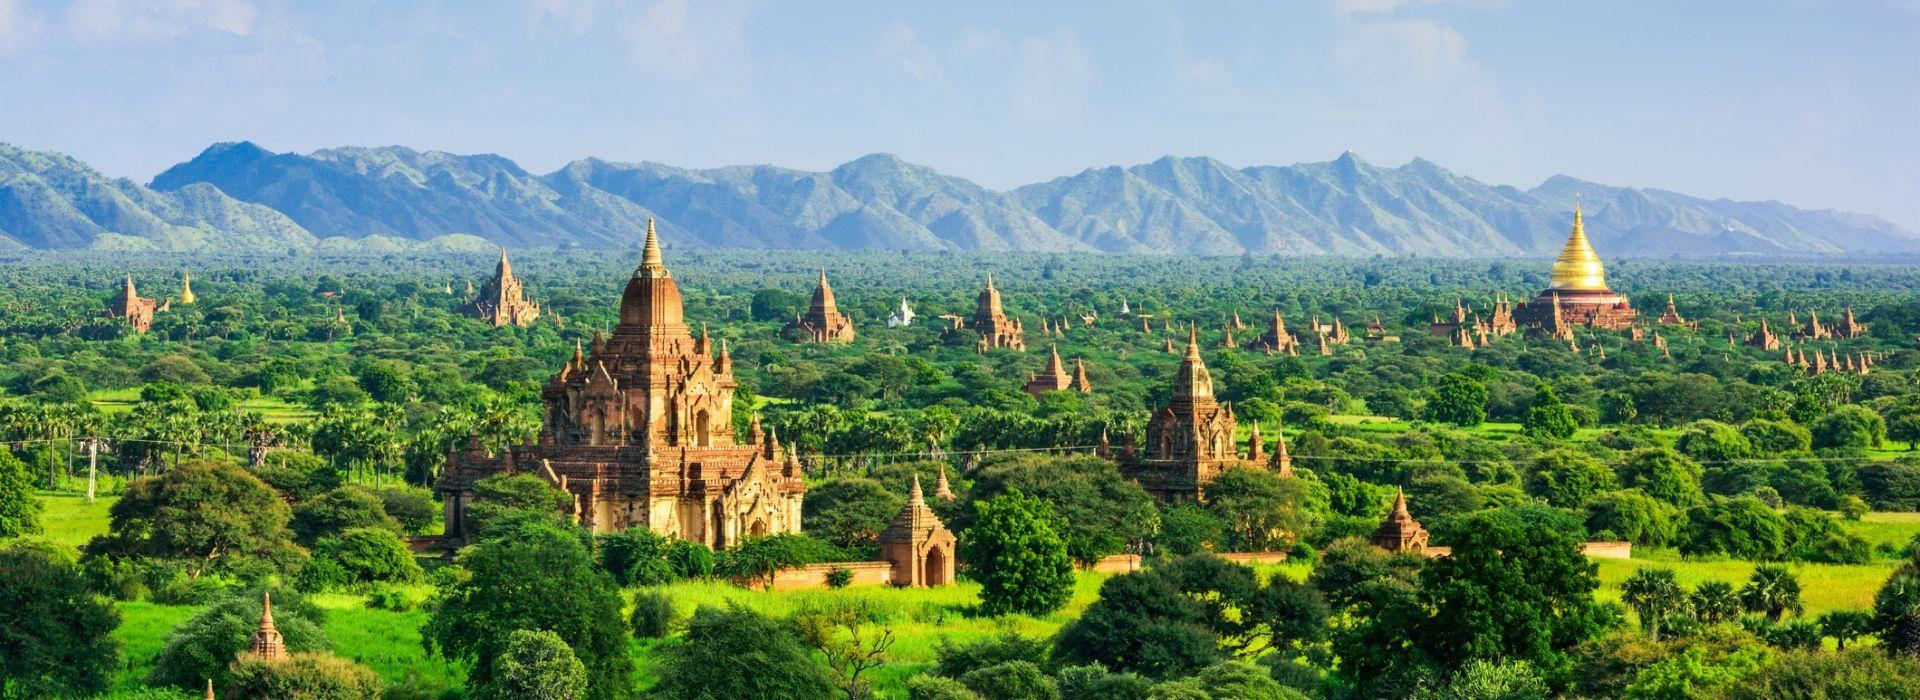 Sightseeing Tours in Bagan